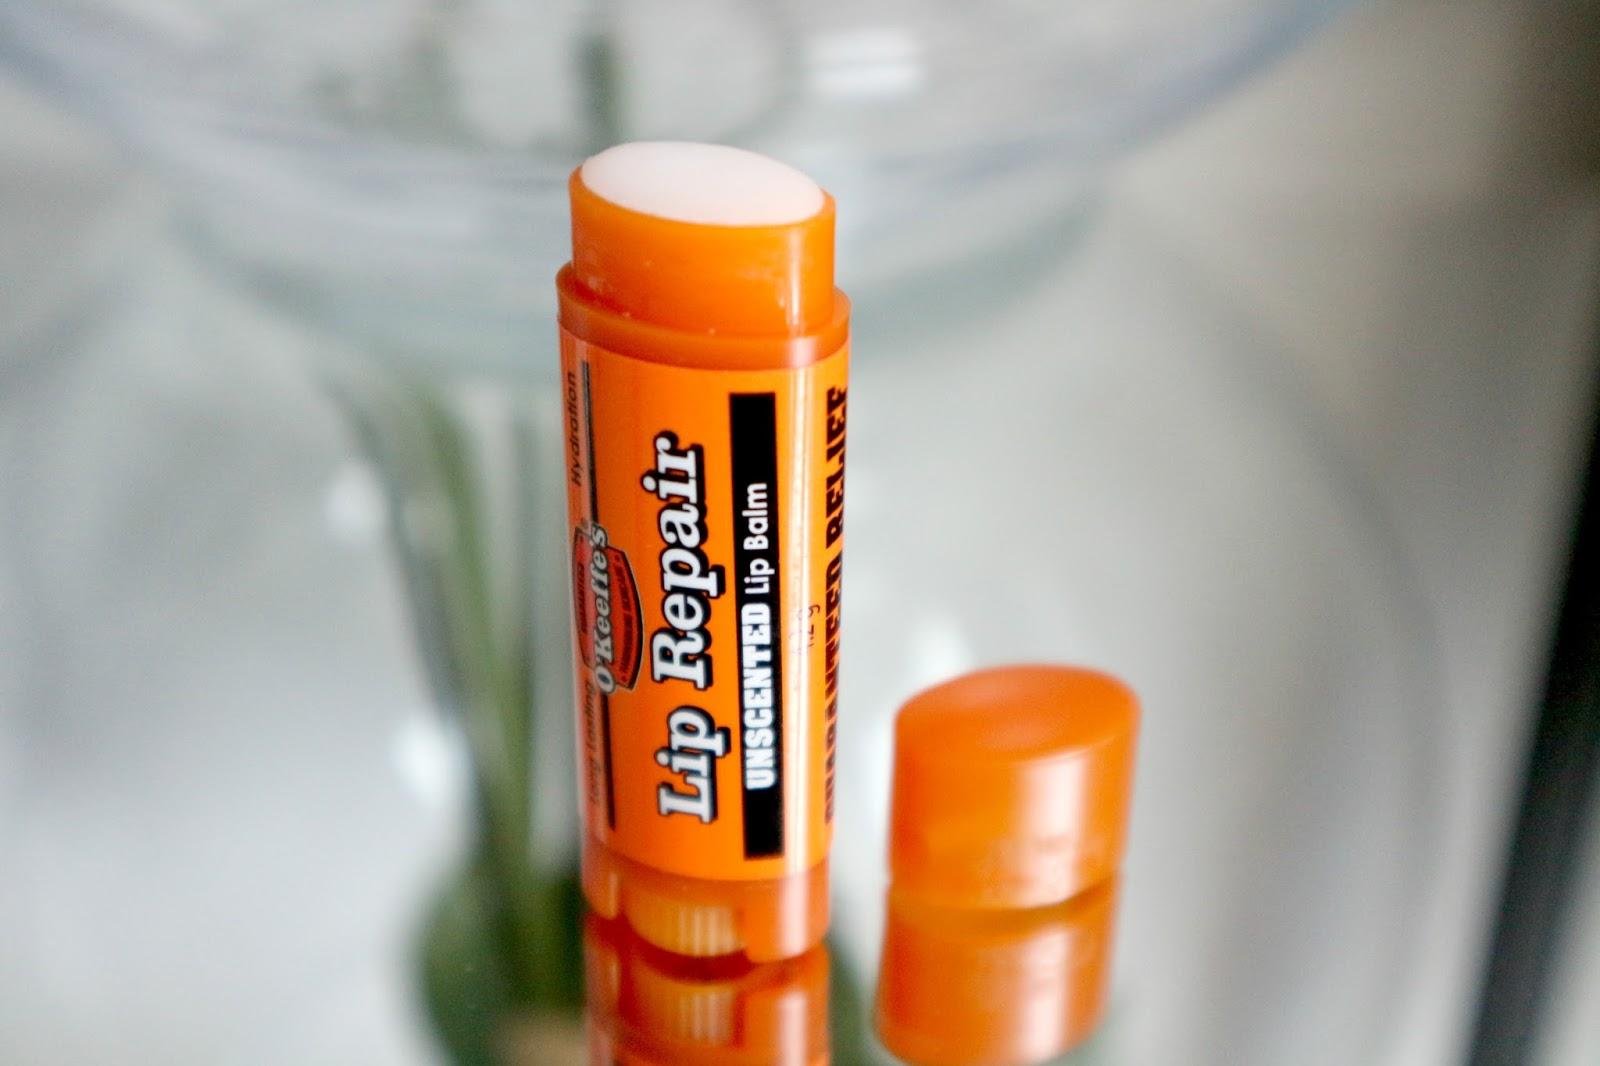 o'keefe's lip repair review